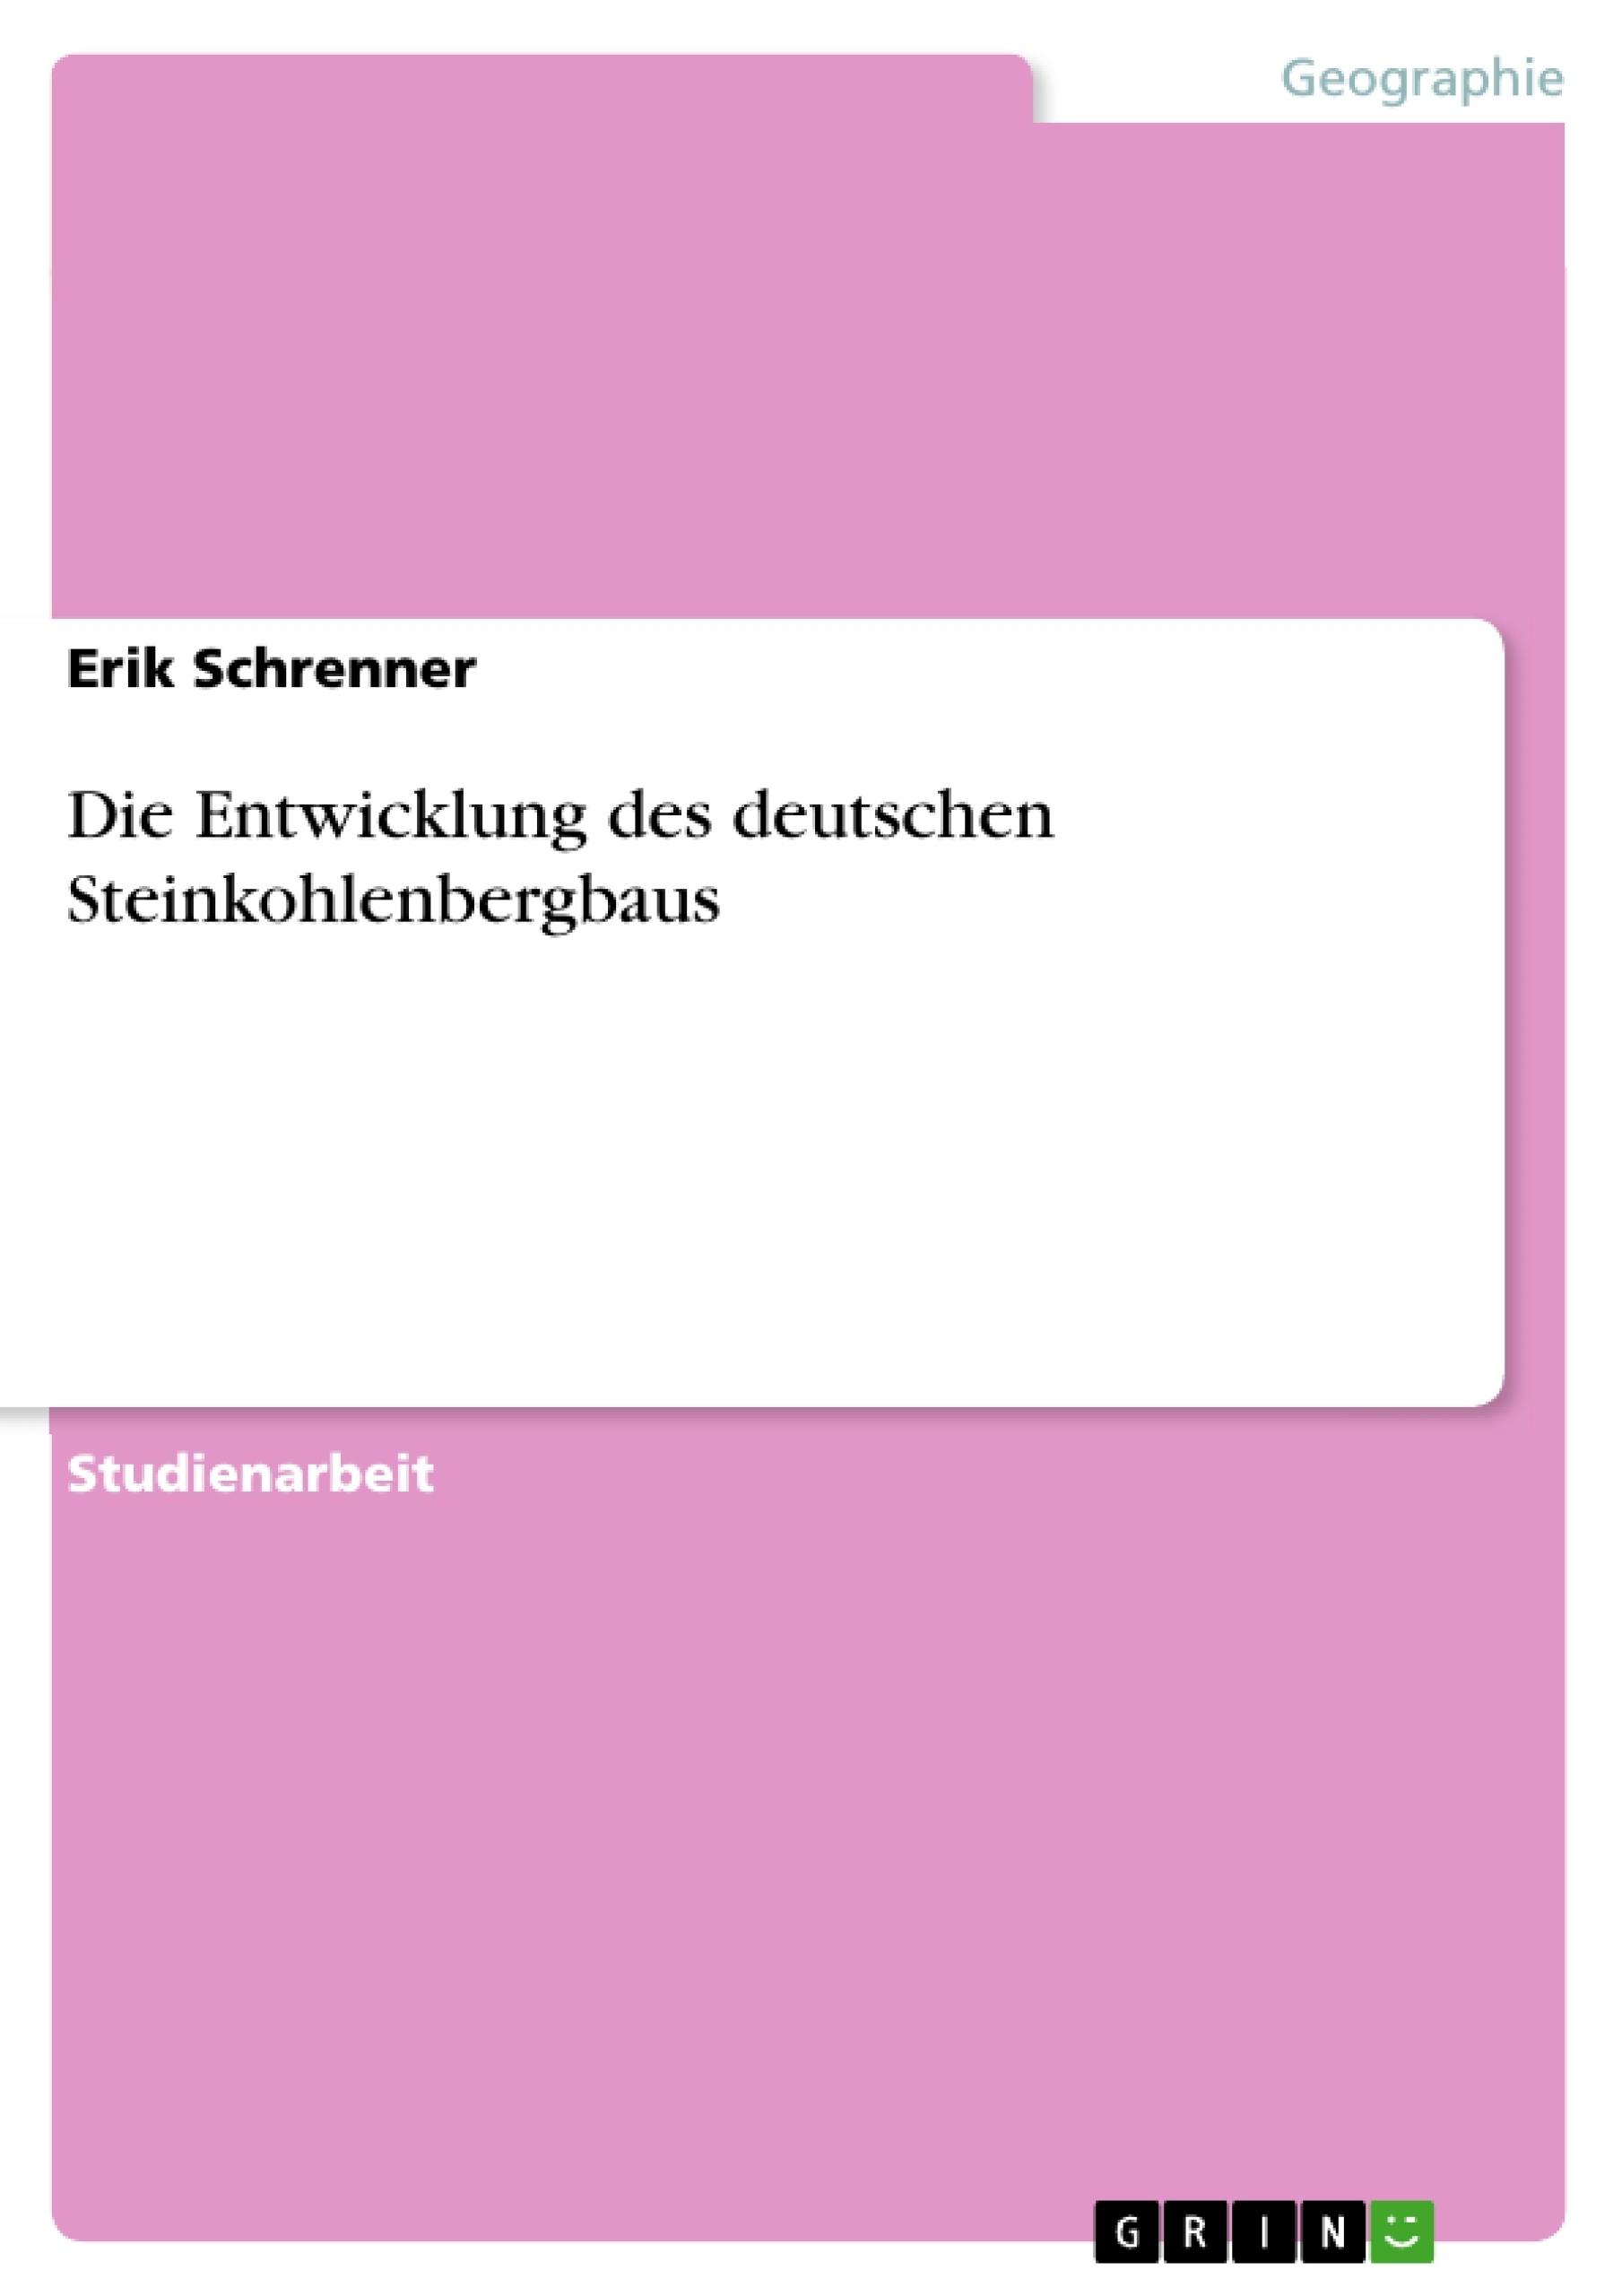 Titel: Die Entwicklung des deutschen Steinkohlenbergbaus